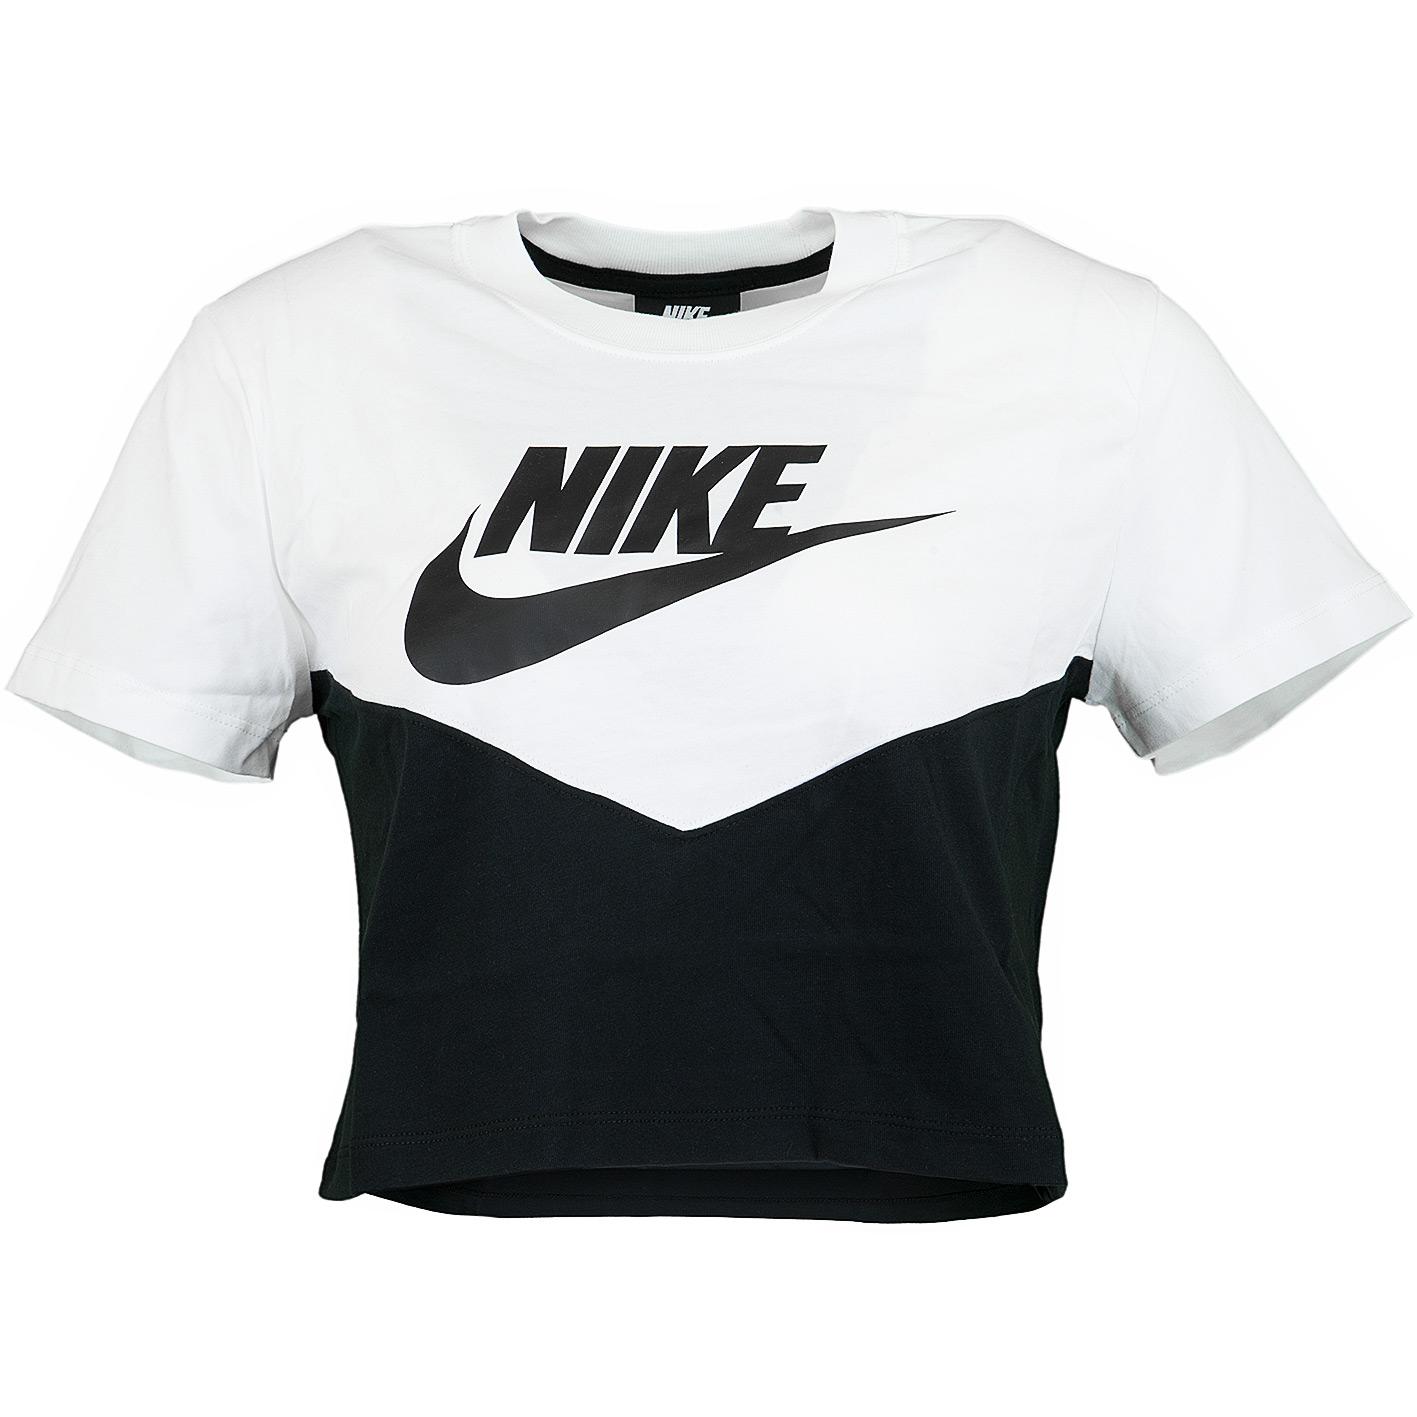 Nike Damen T Shirt Heritage schwarzweiß